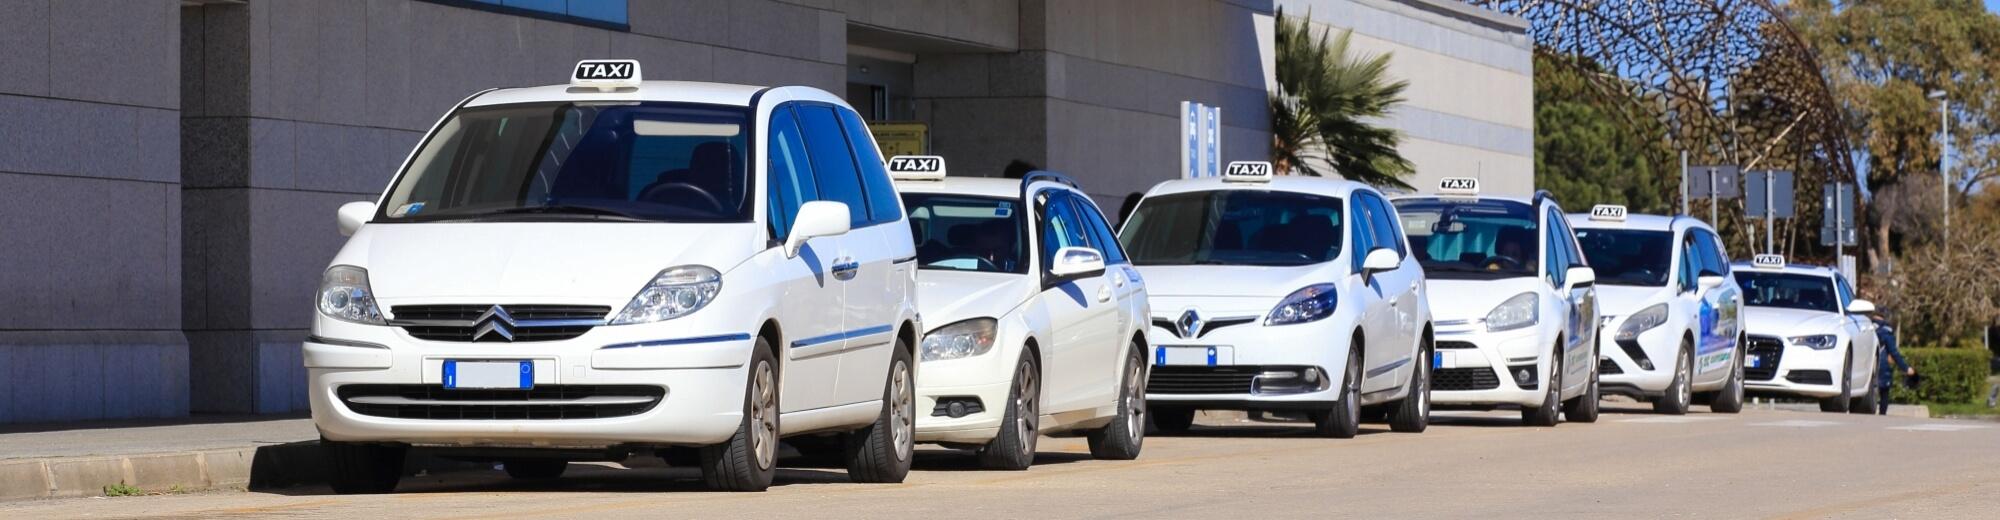 Taxi Aeroporto di Alghero